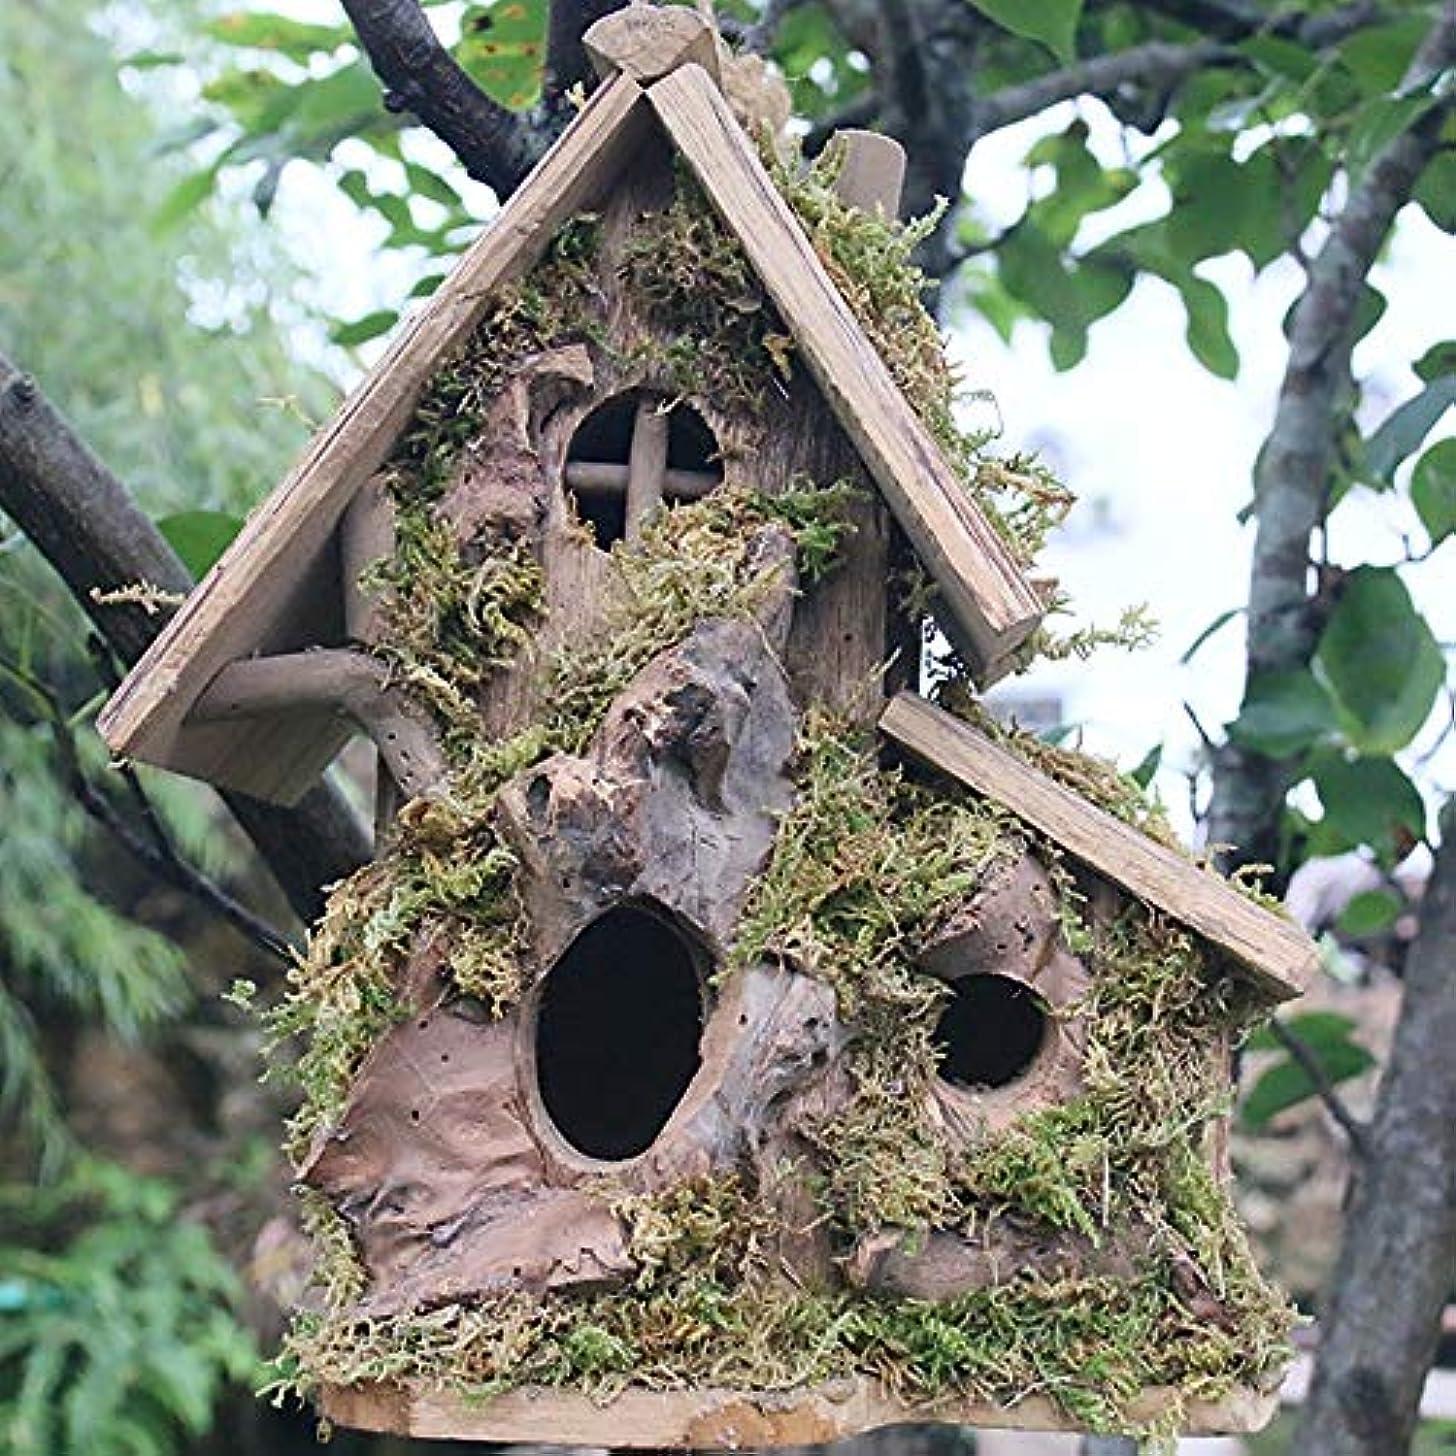 差別的予備中央値巣箱 木製ハンギングバードハウス屋外の鳥の巣の巣ボックスの庭の鳥の家の装飾のペンダント手作りの鳥の巣の庭の装飾繁殖鳥の巣ボックスバードフィーダー バードホテル (Color : Natural, Size : 27x14x28CM)